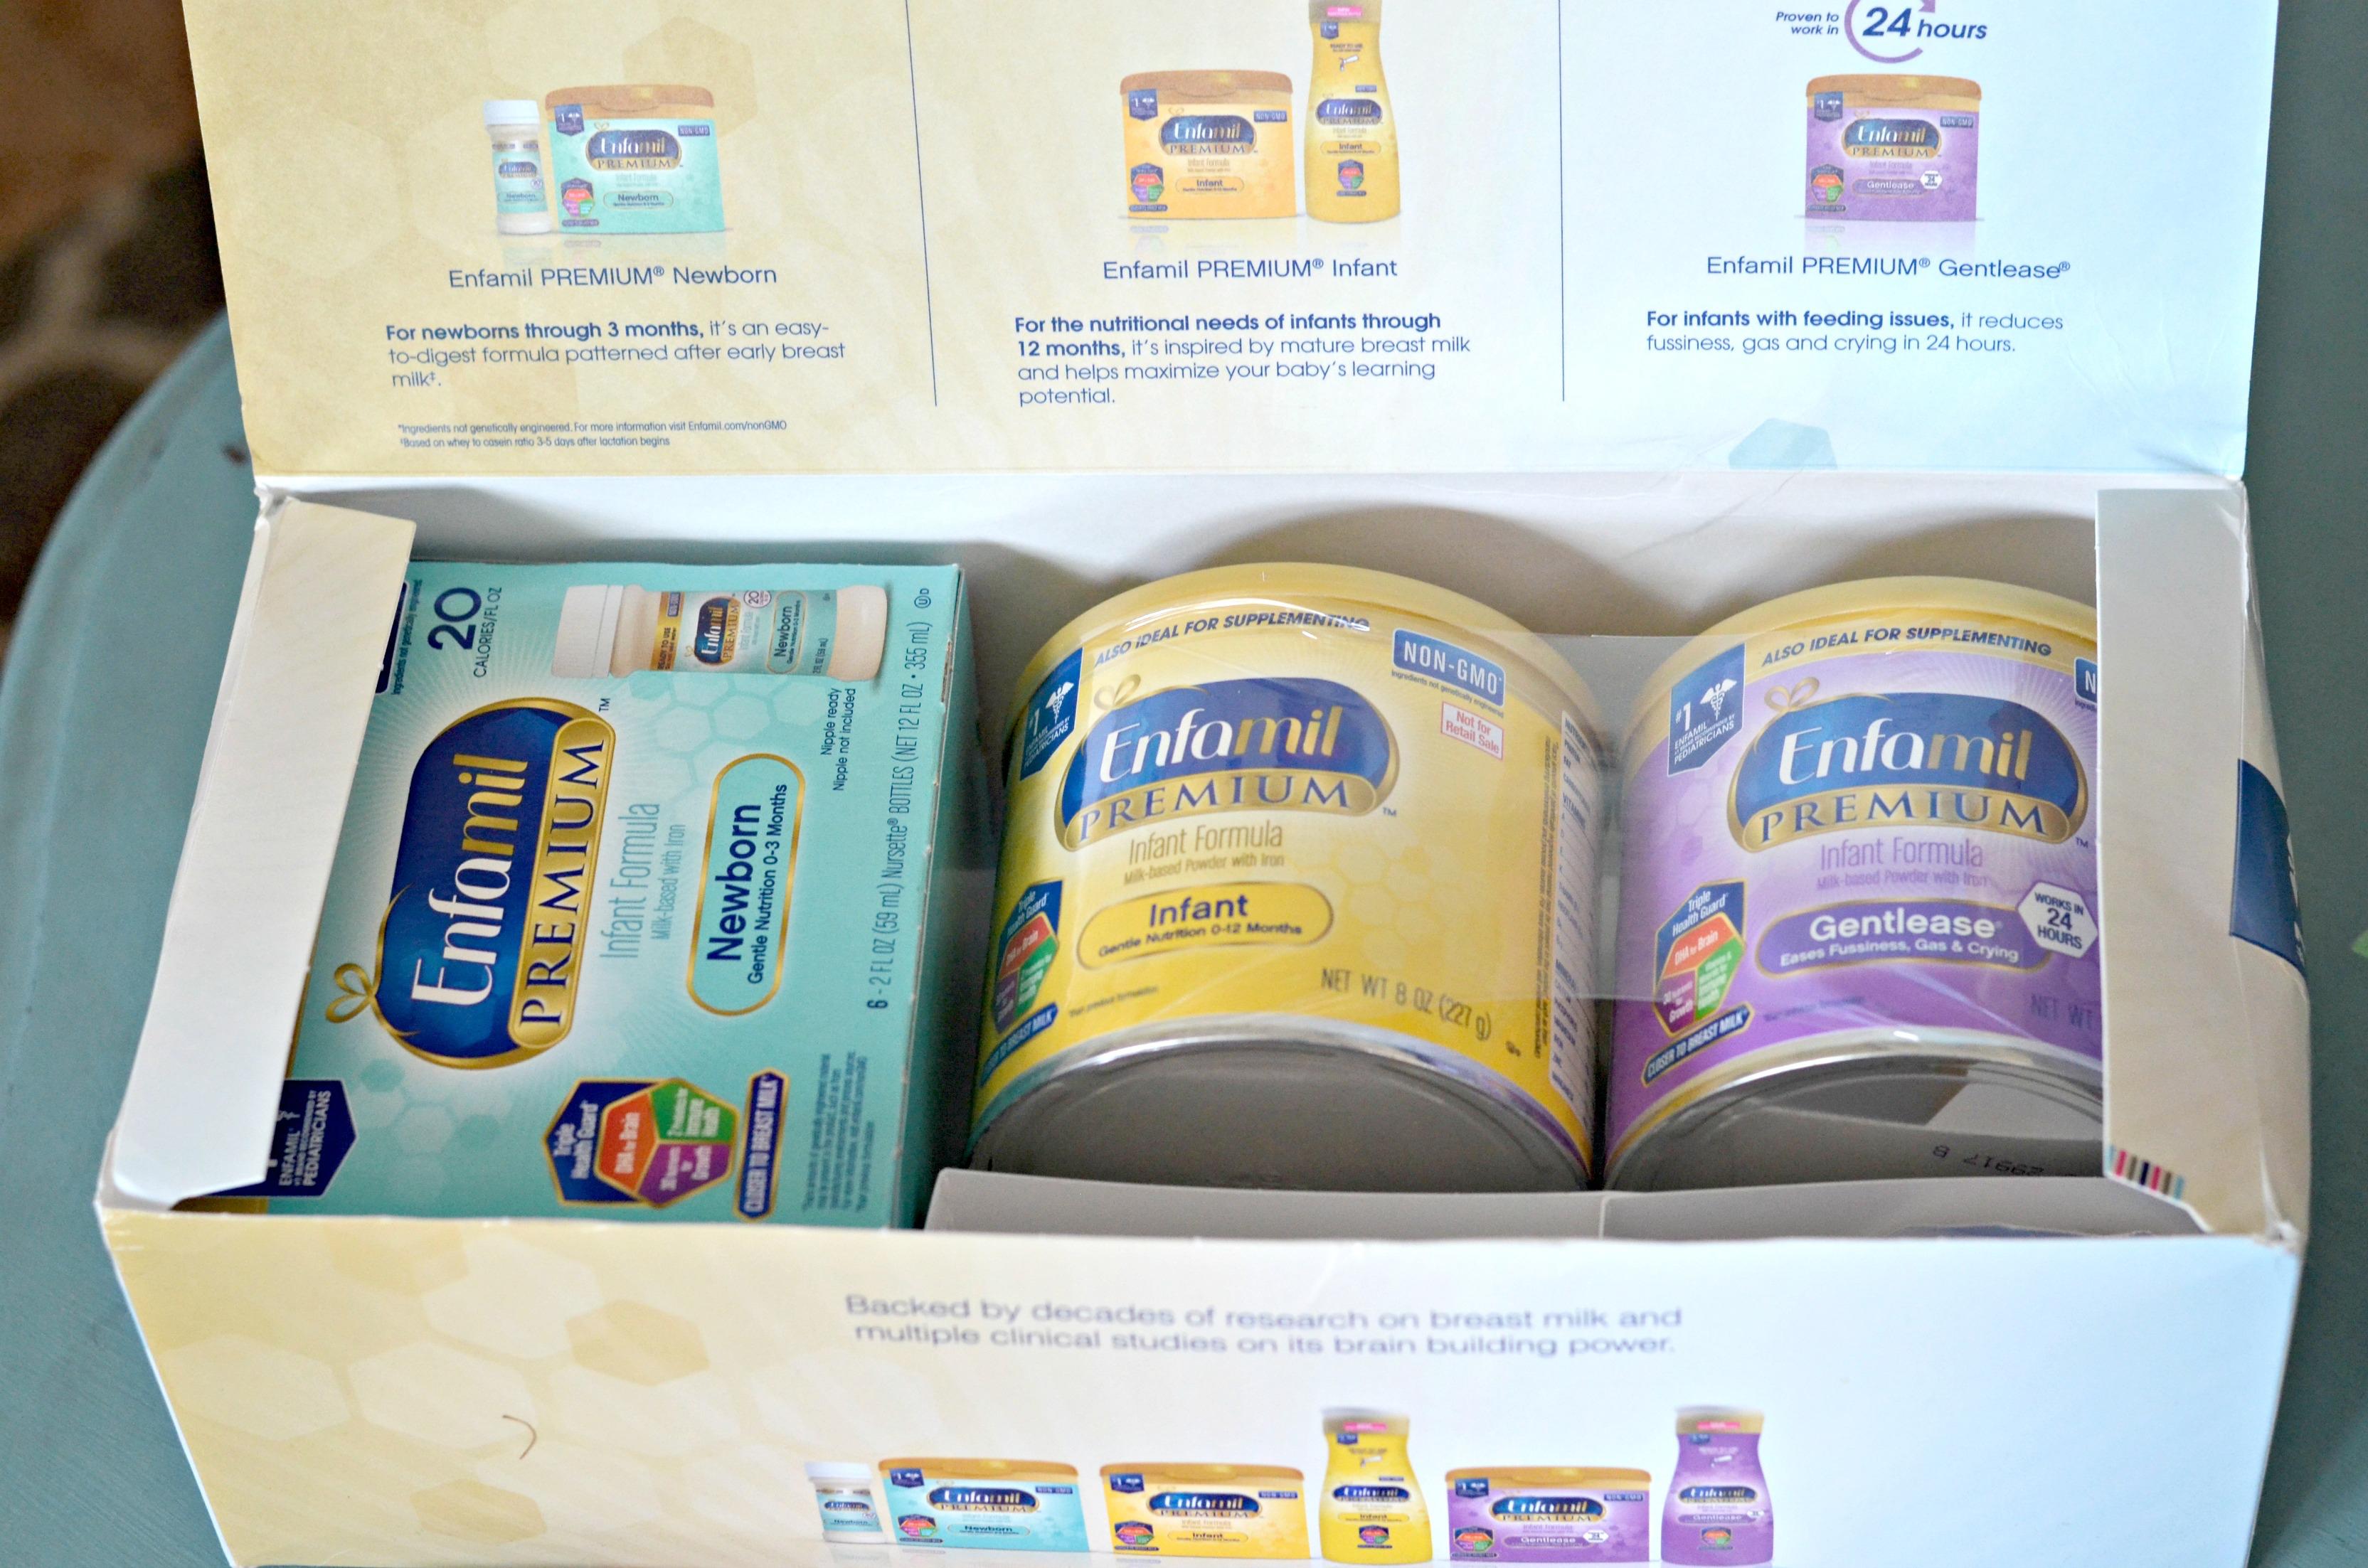 free enfamil baby box - get free enfamil gifts like these Enfamil samples